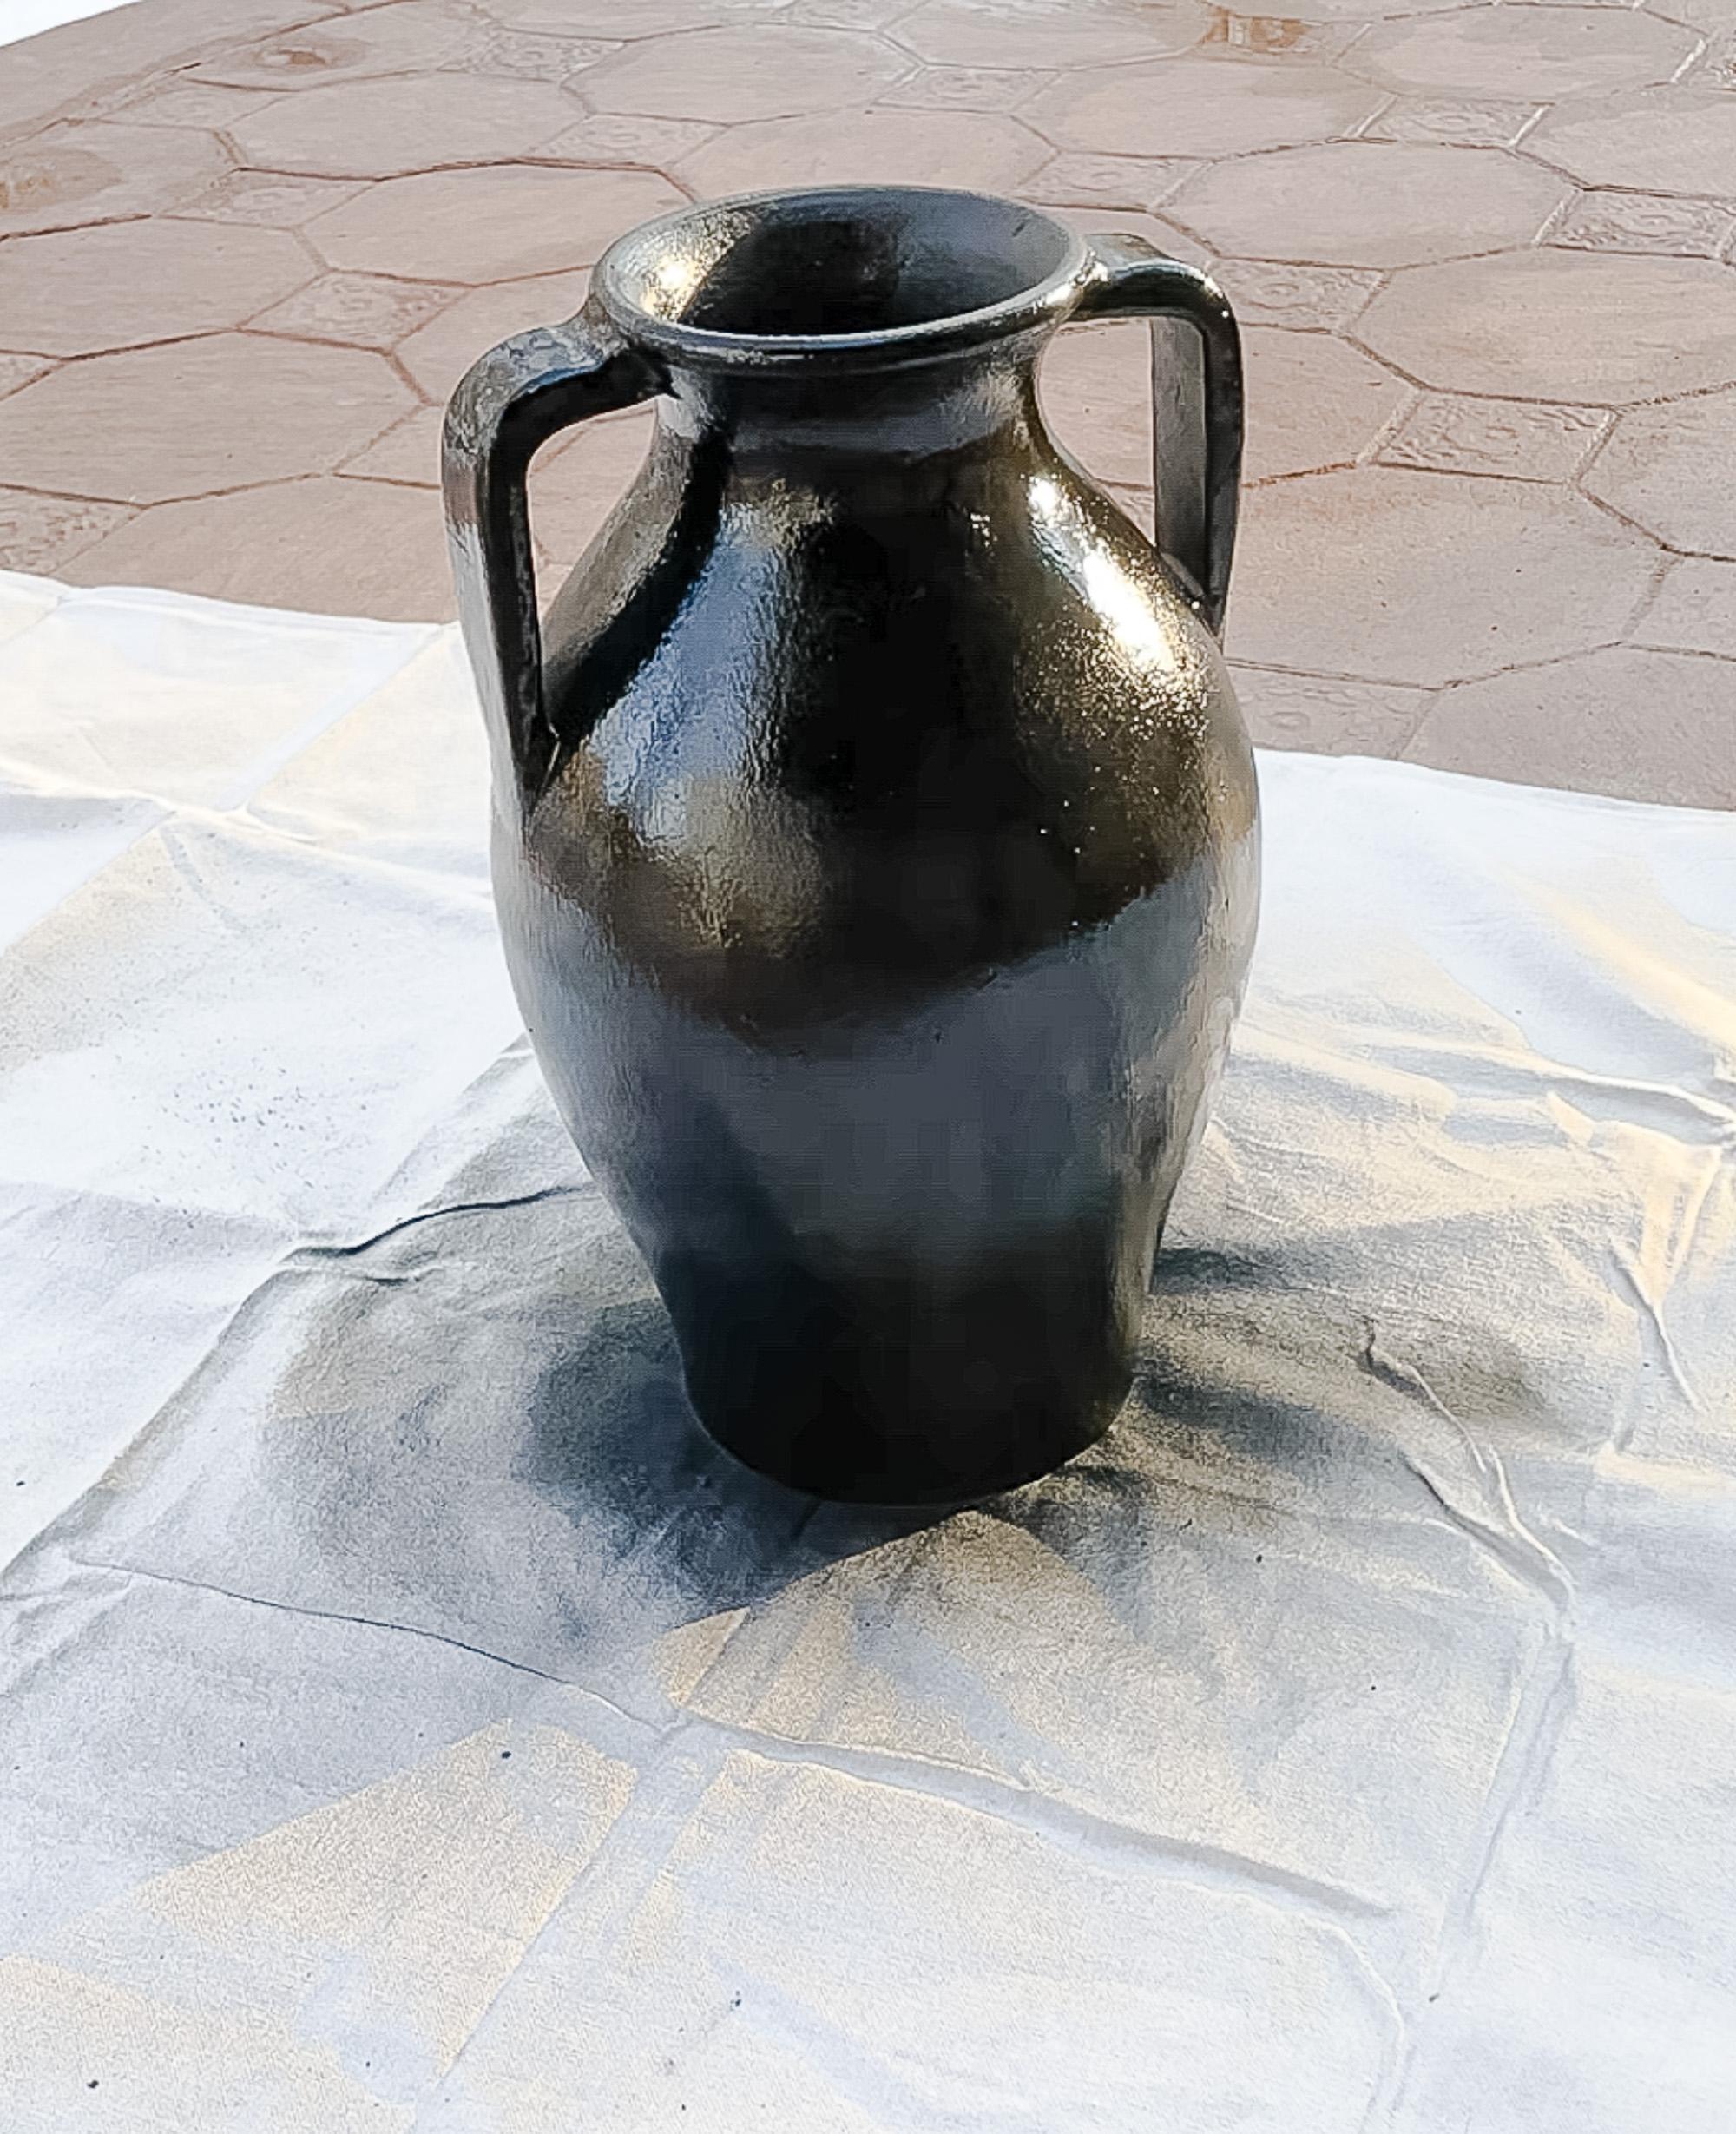 vase painted black